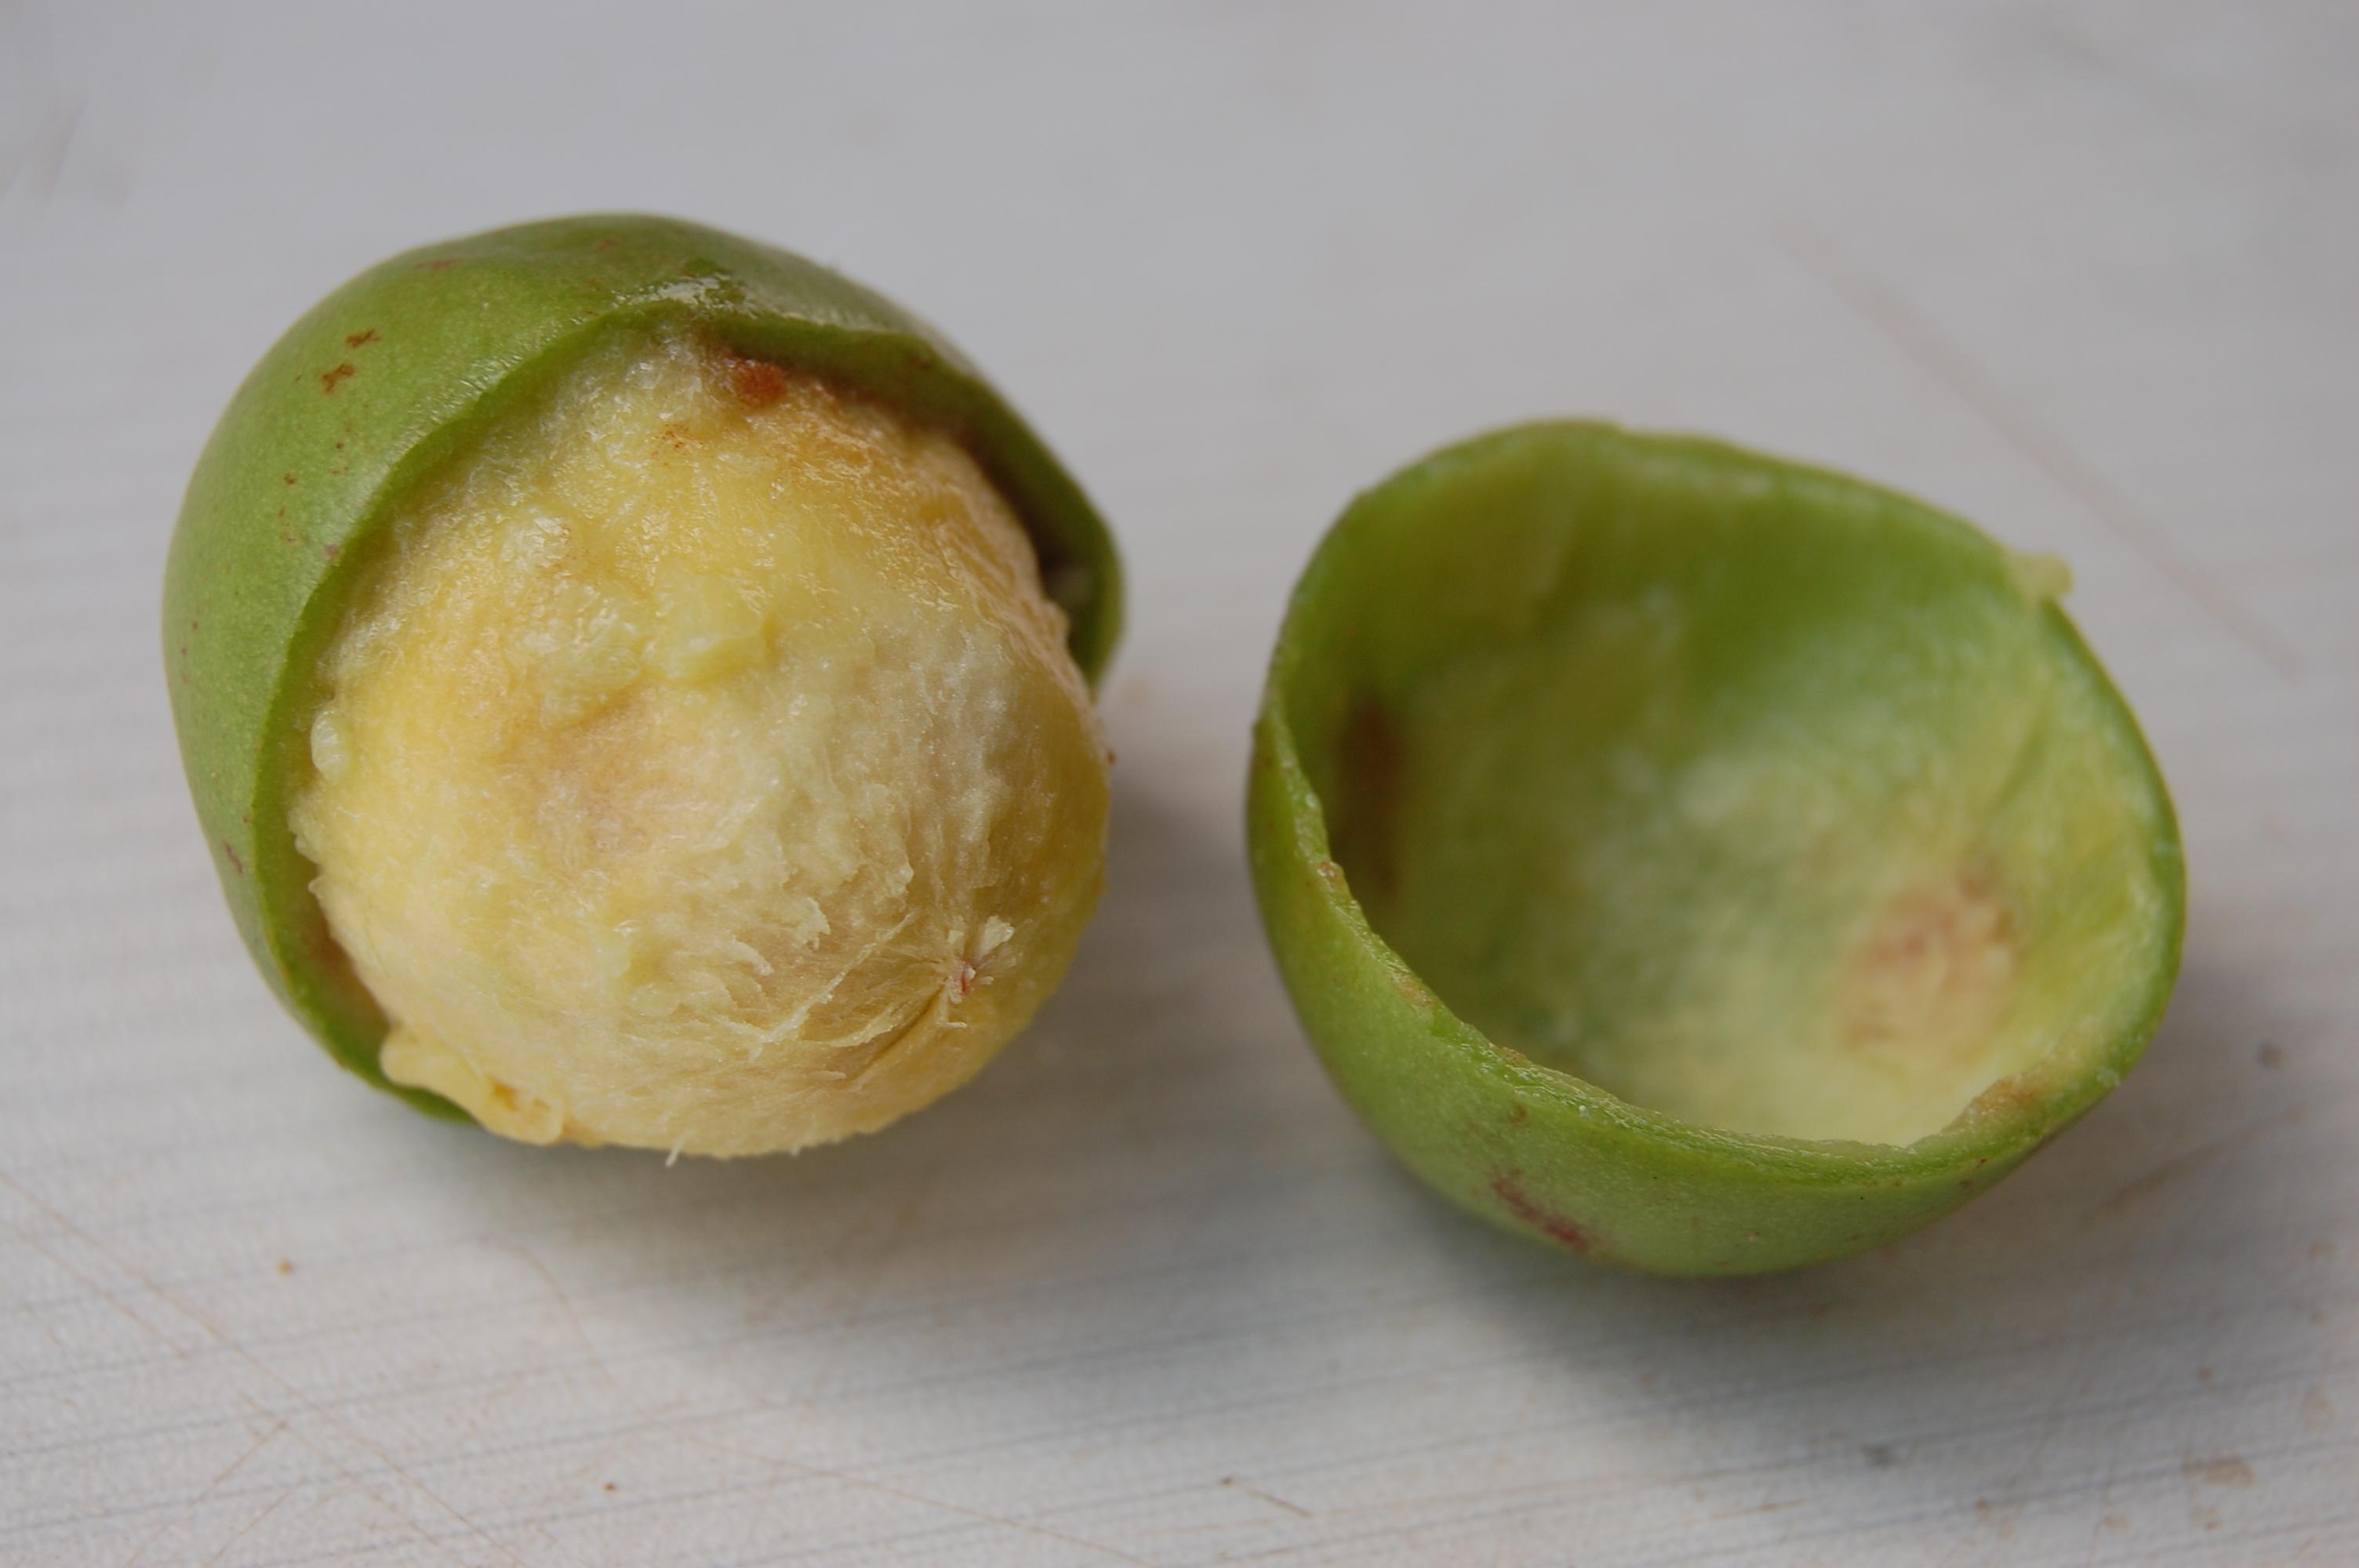 Sheafrucht mit Fruchtfleisch